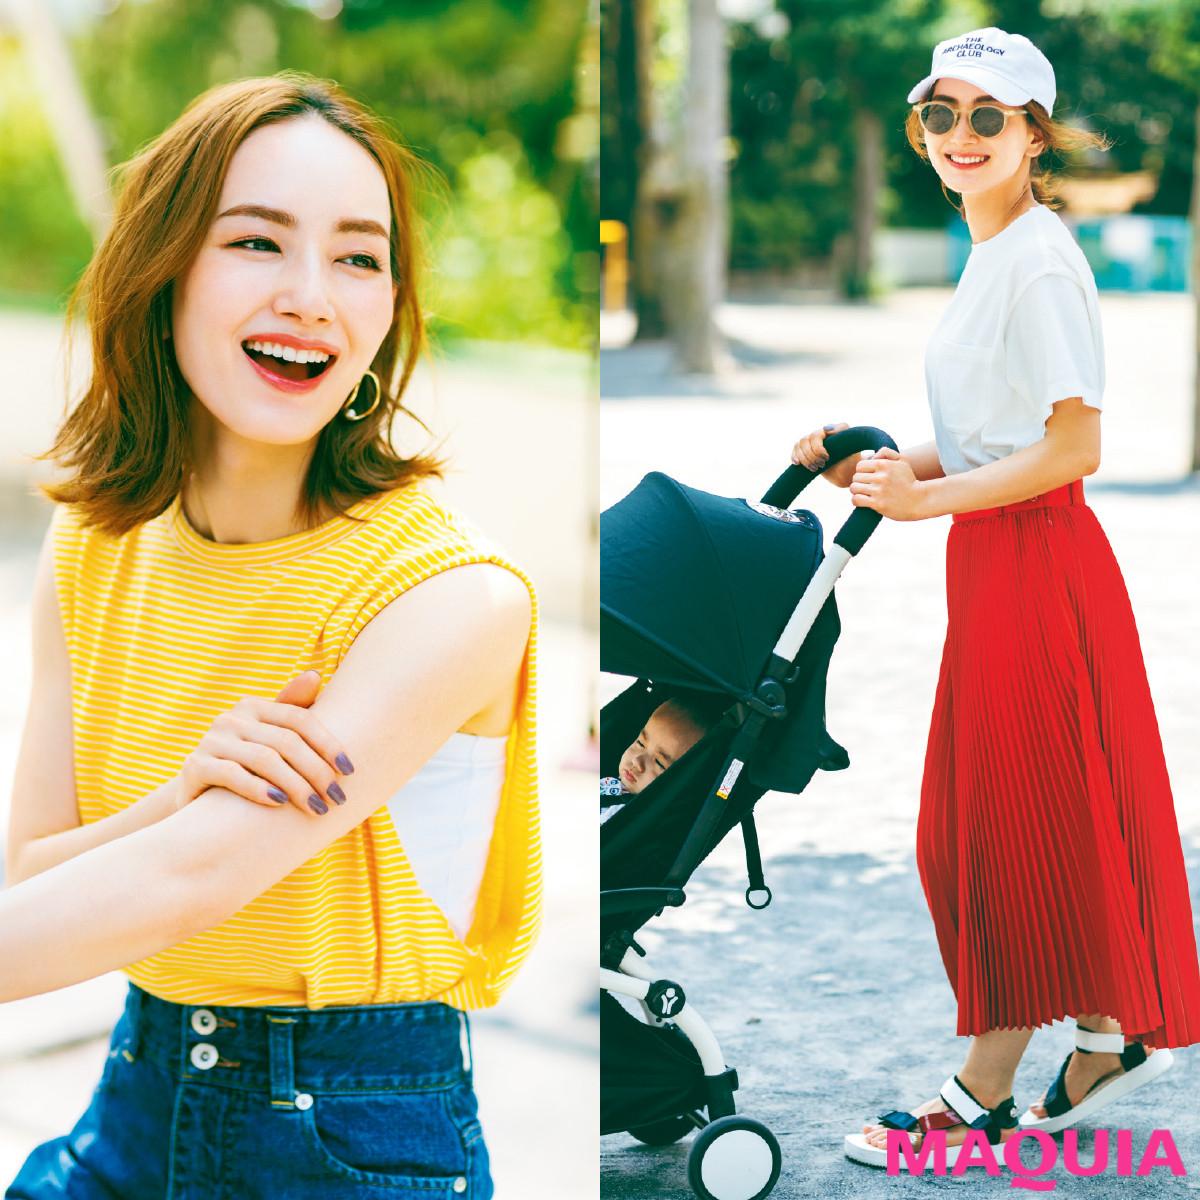 人気急上昇中! 美肌ママモデル・辻元 舞さんの夏をのりきる 鉄壁UV Q&A